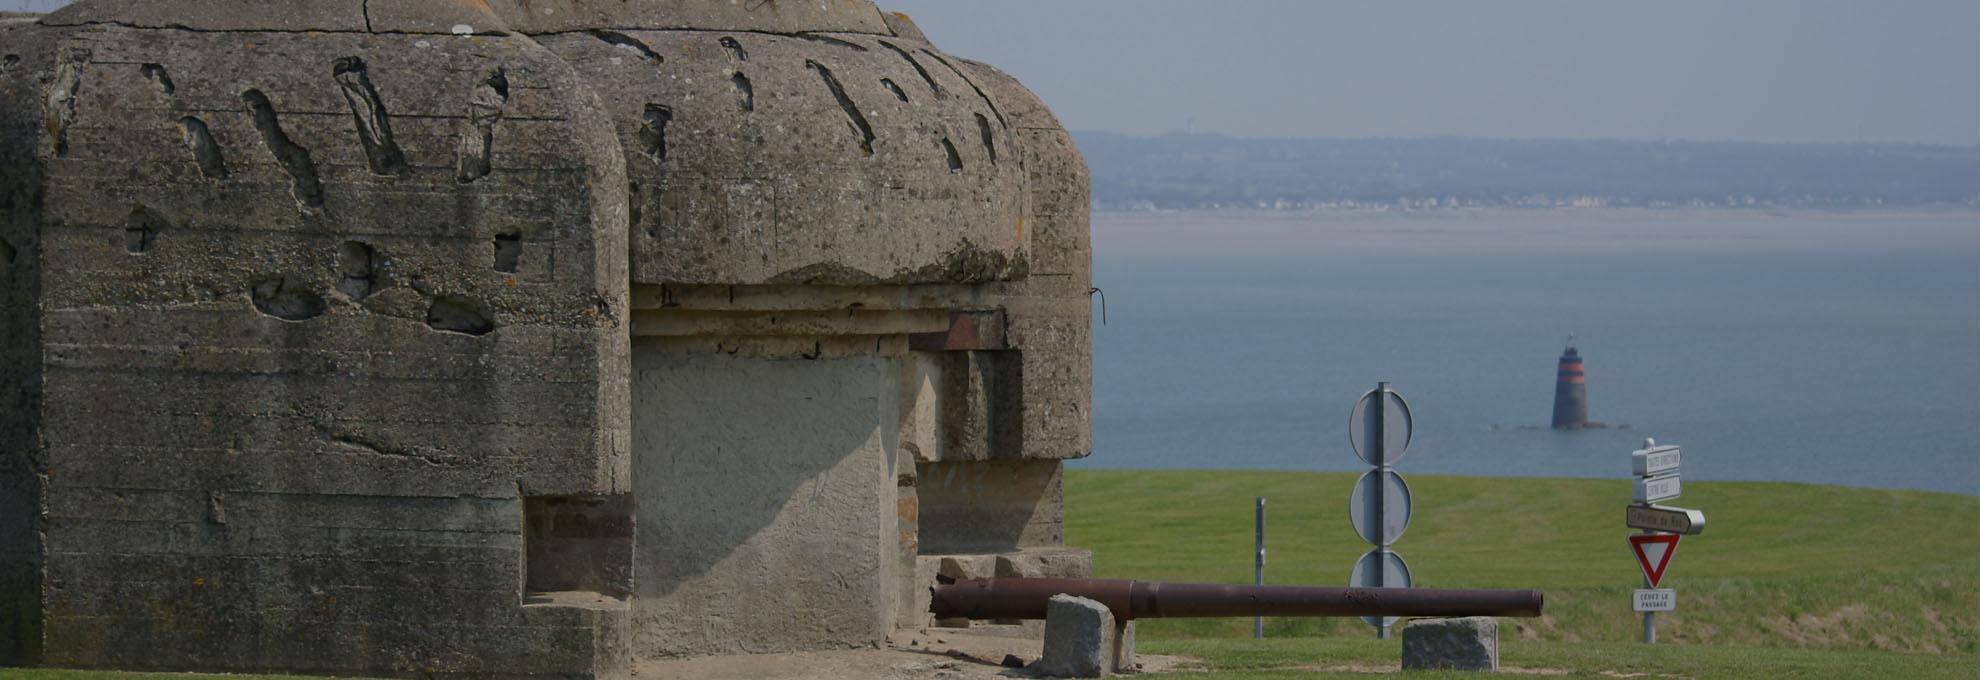 gite les roches grises 11 - GÎTE LES ROCHES GRISES - Location de Gite La Clef Decamp - Laclefdecamp.fr